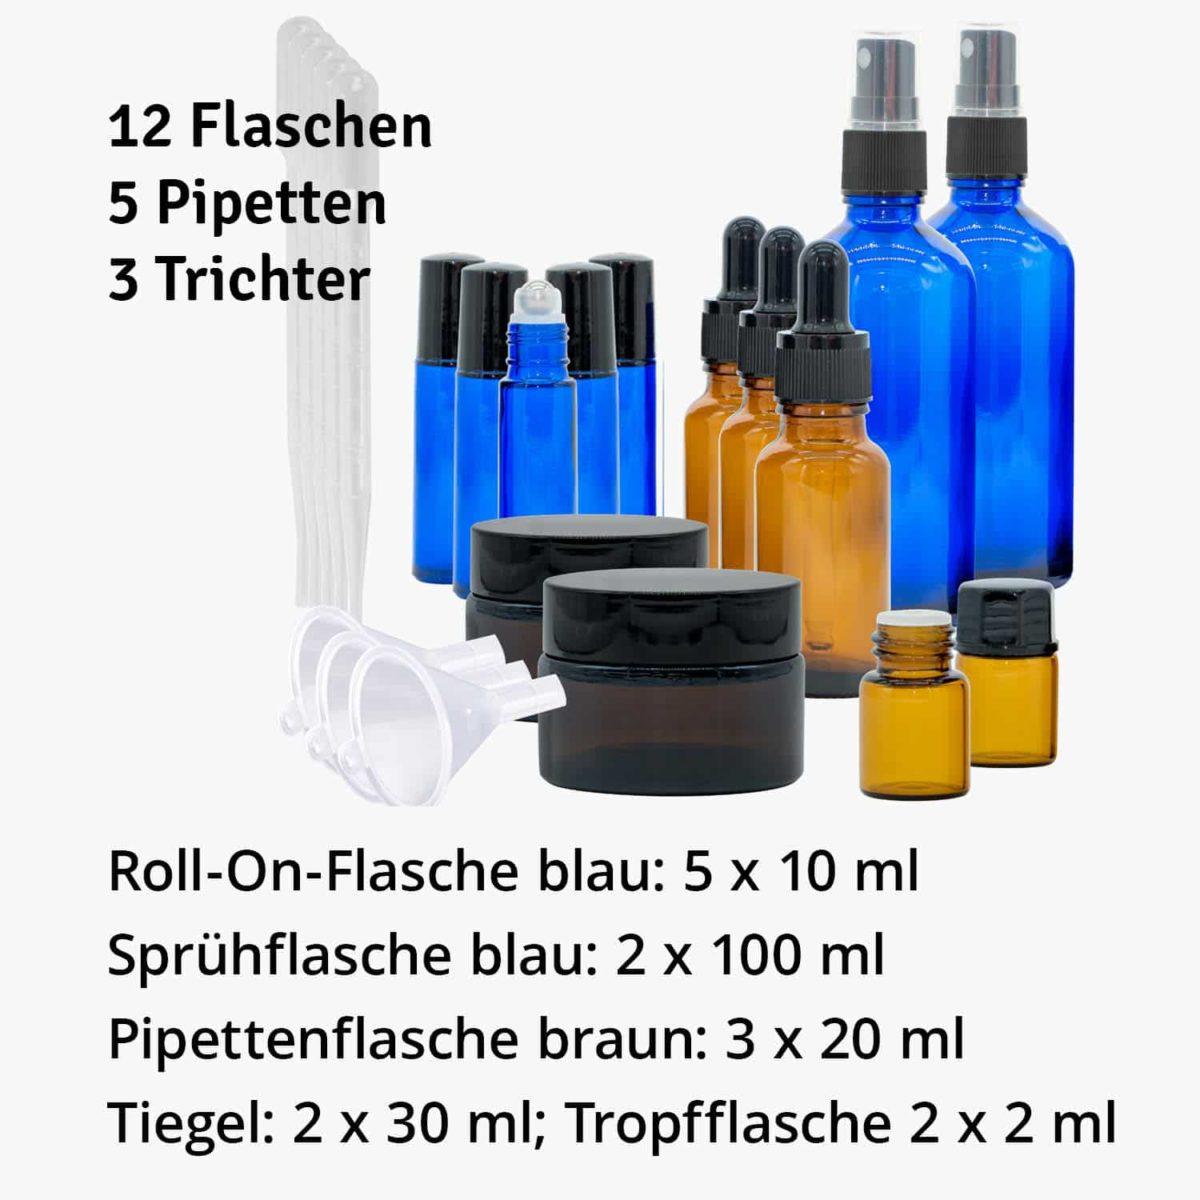 Casida Aromatherapie Profi Set A2058242 Roll On Sprühflasche 10 ml 20 ml 100 ml Tiegel Tropfflasche ätherische Öle Braunglas Blauglas3